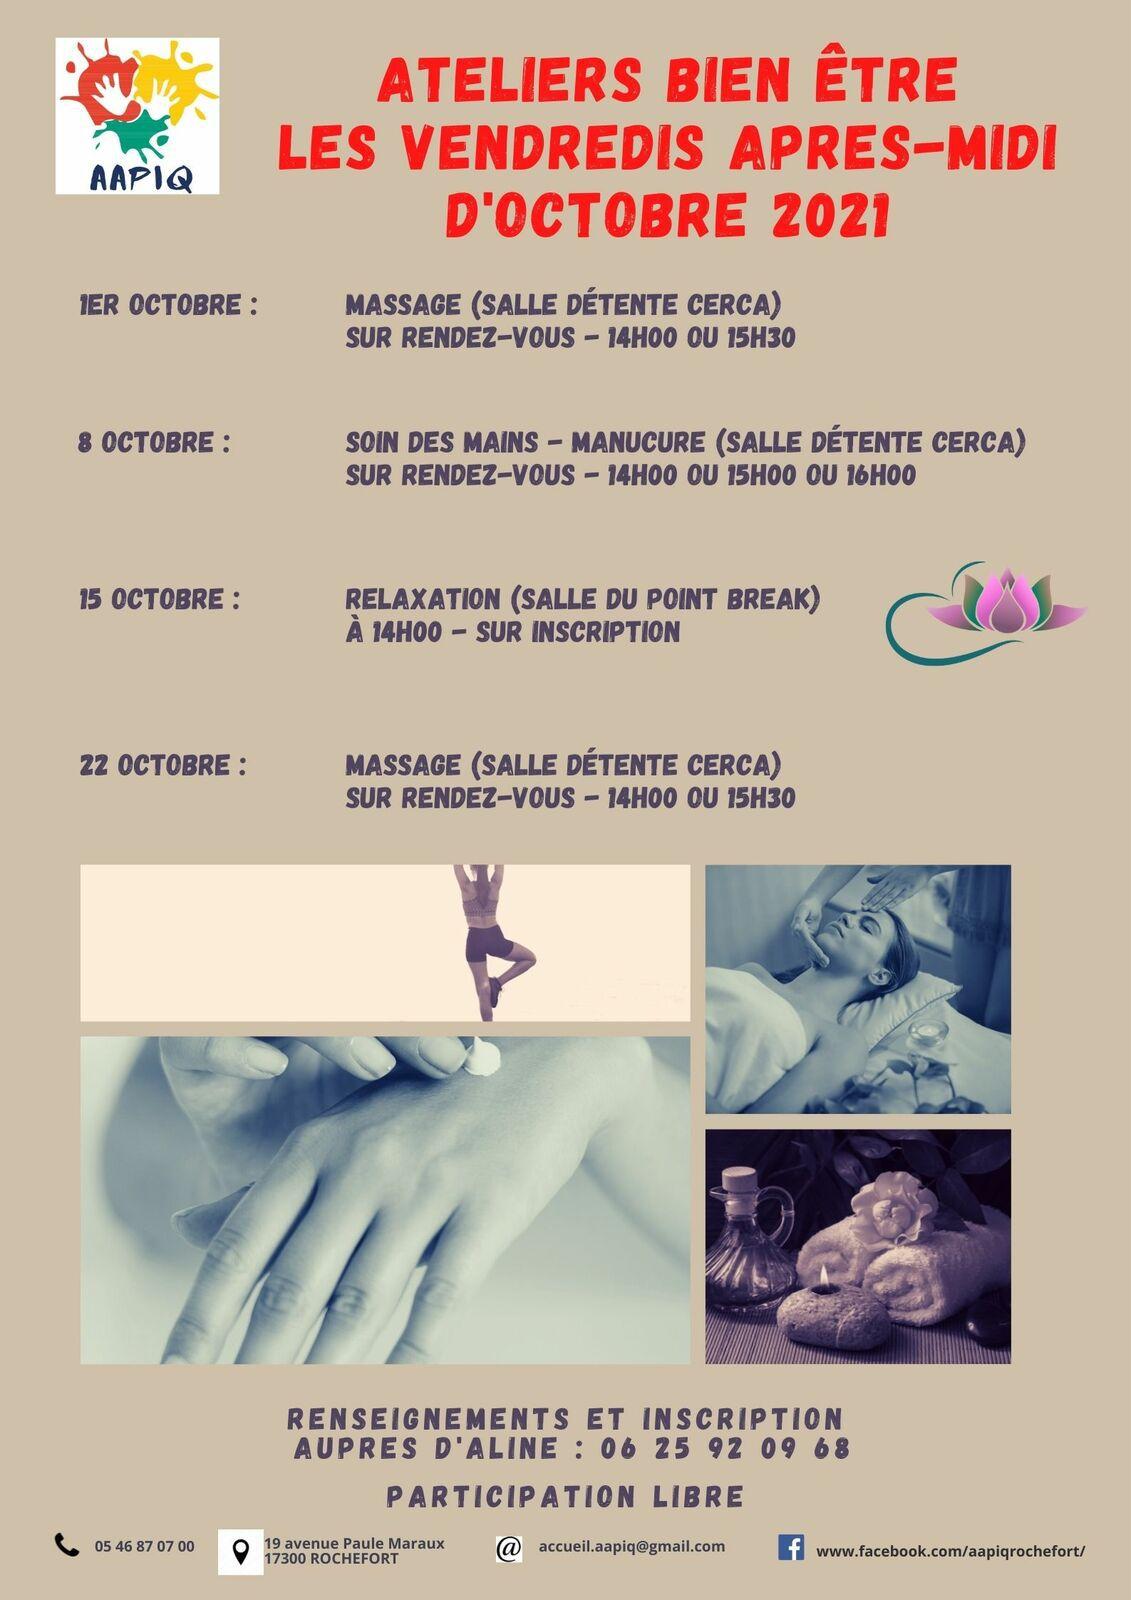 ATELIERS BIEN-ÊTRE D'OCTOBRE 2021